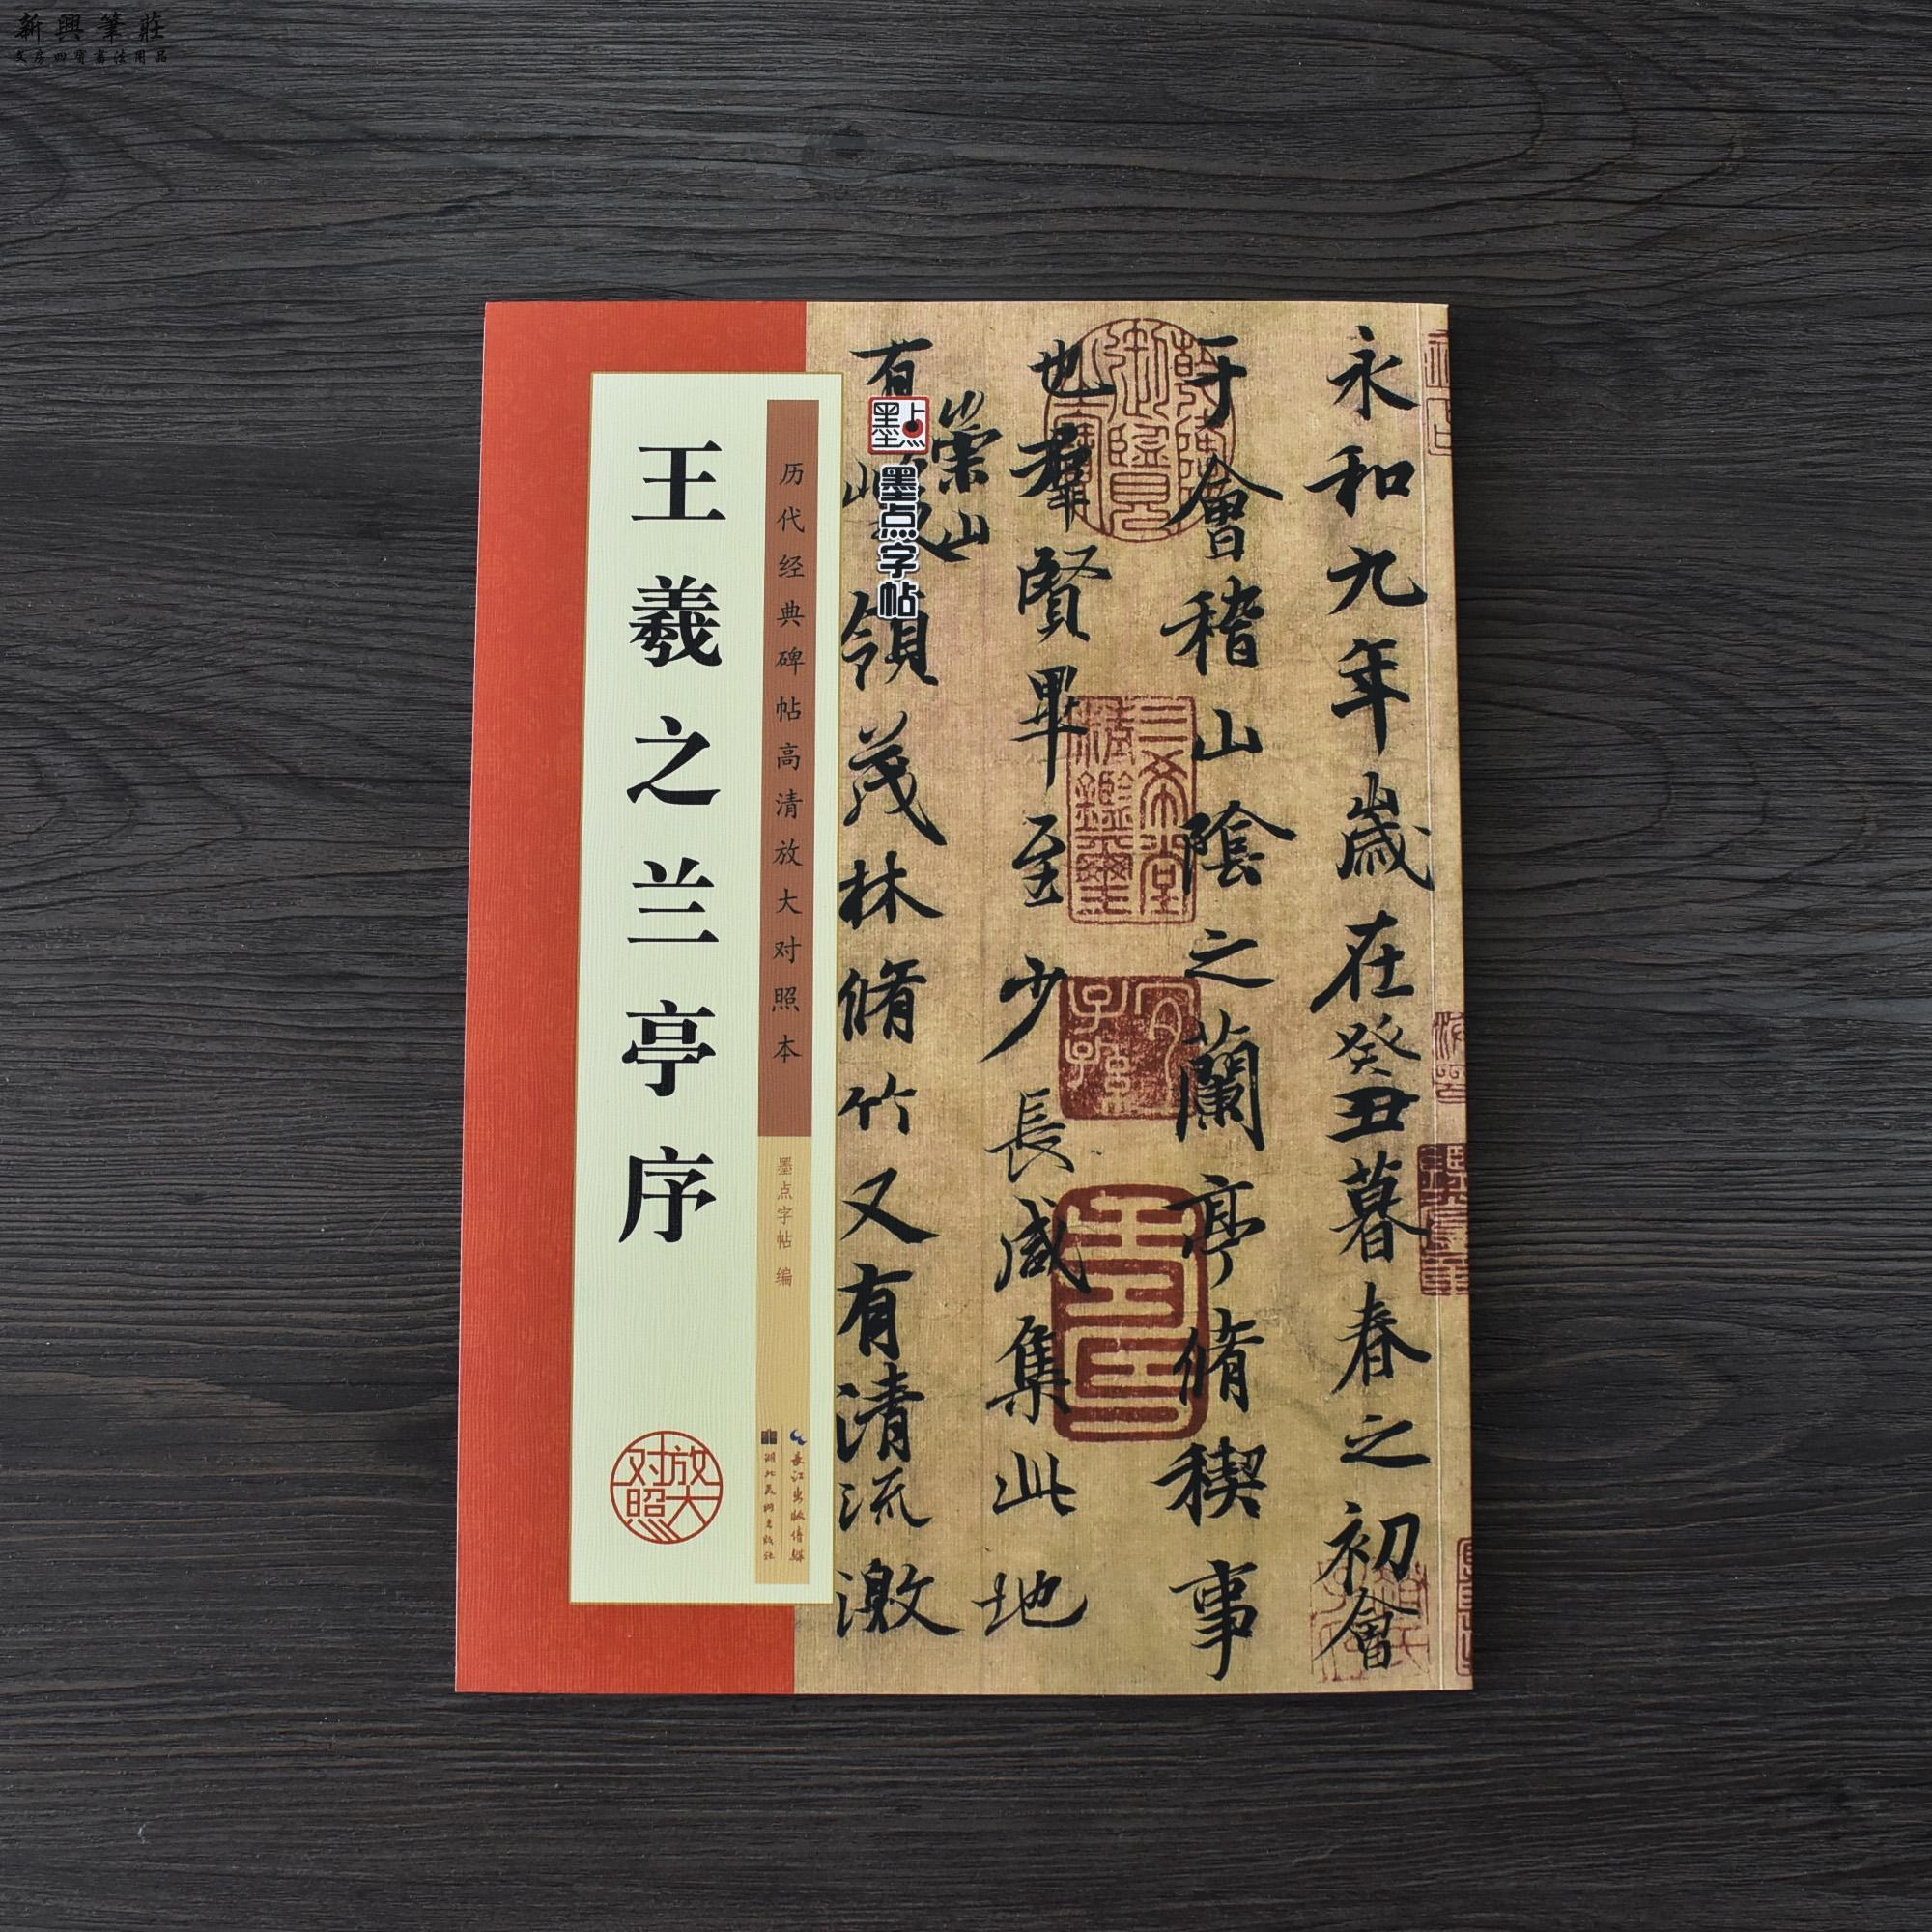 正版王羲之兰亭序原版行书字帖放大版兰亭序原帖对照书法毛笔字帖